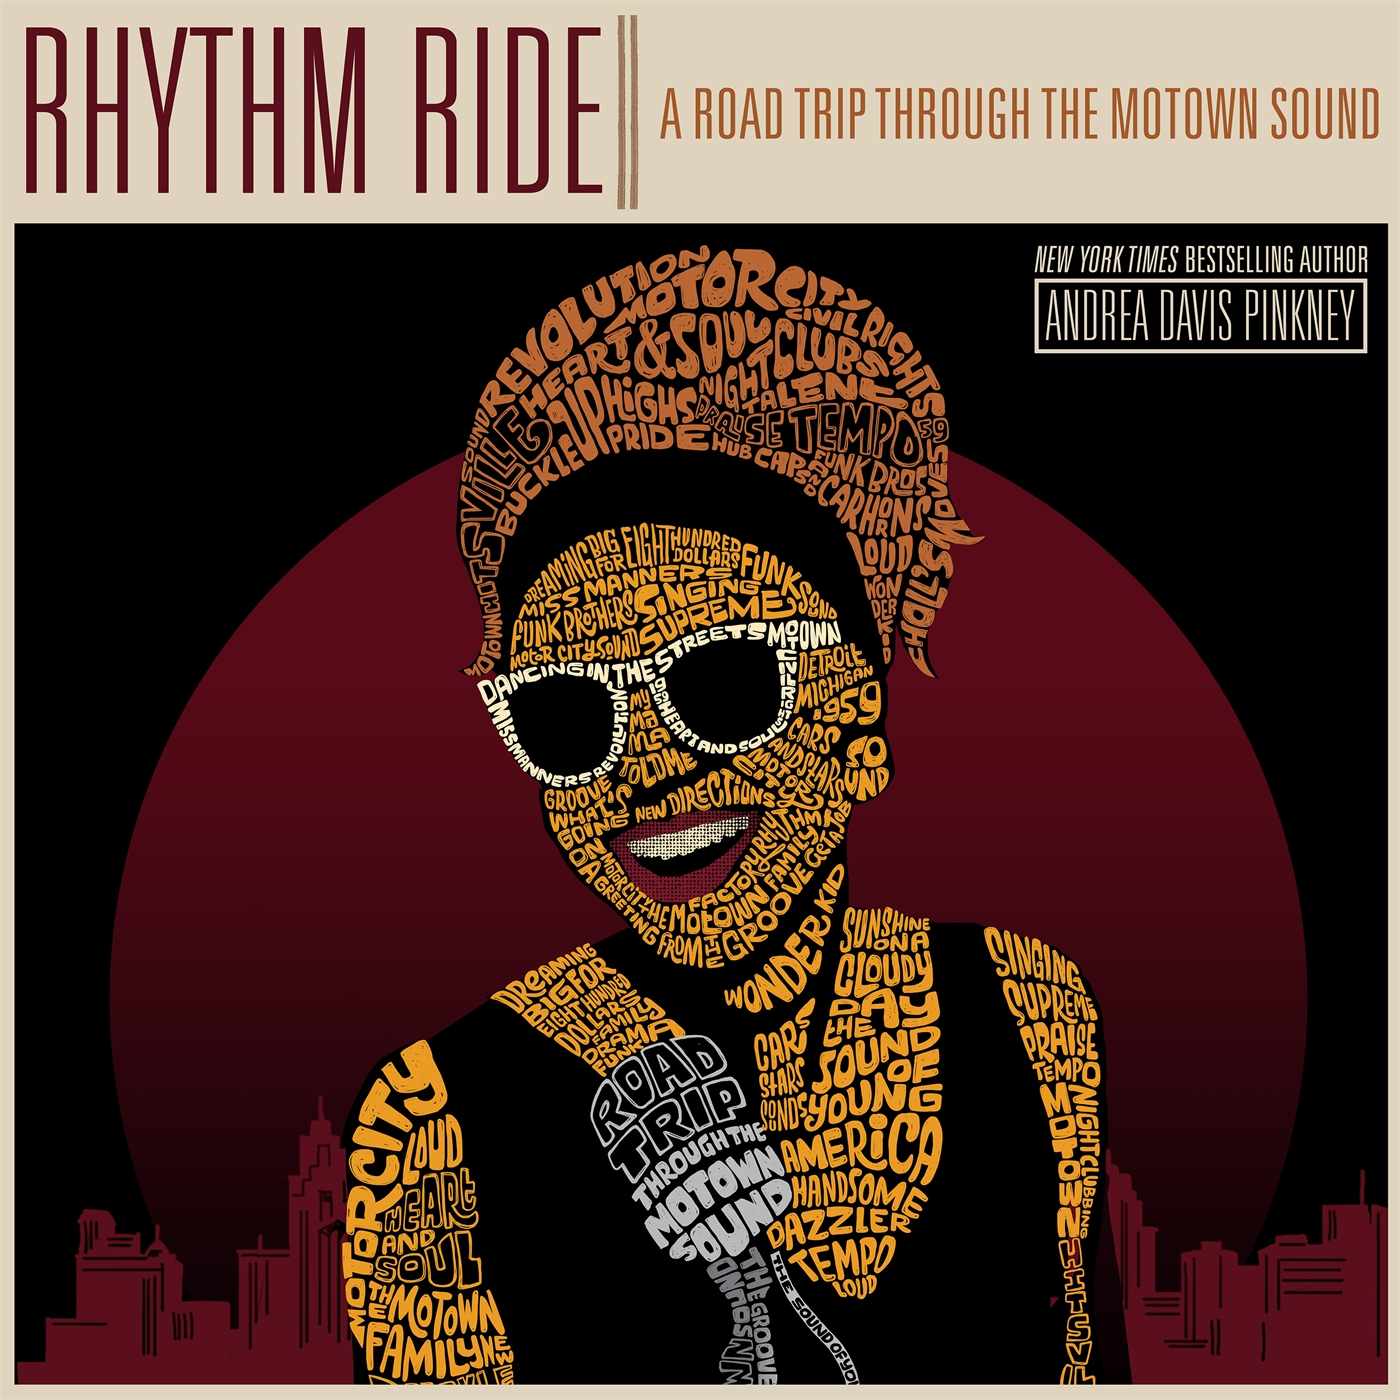 Rhythm ride